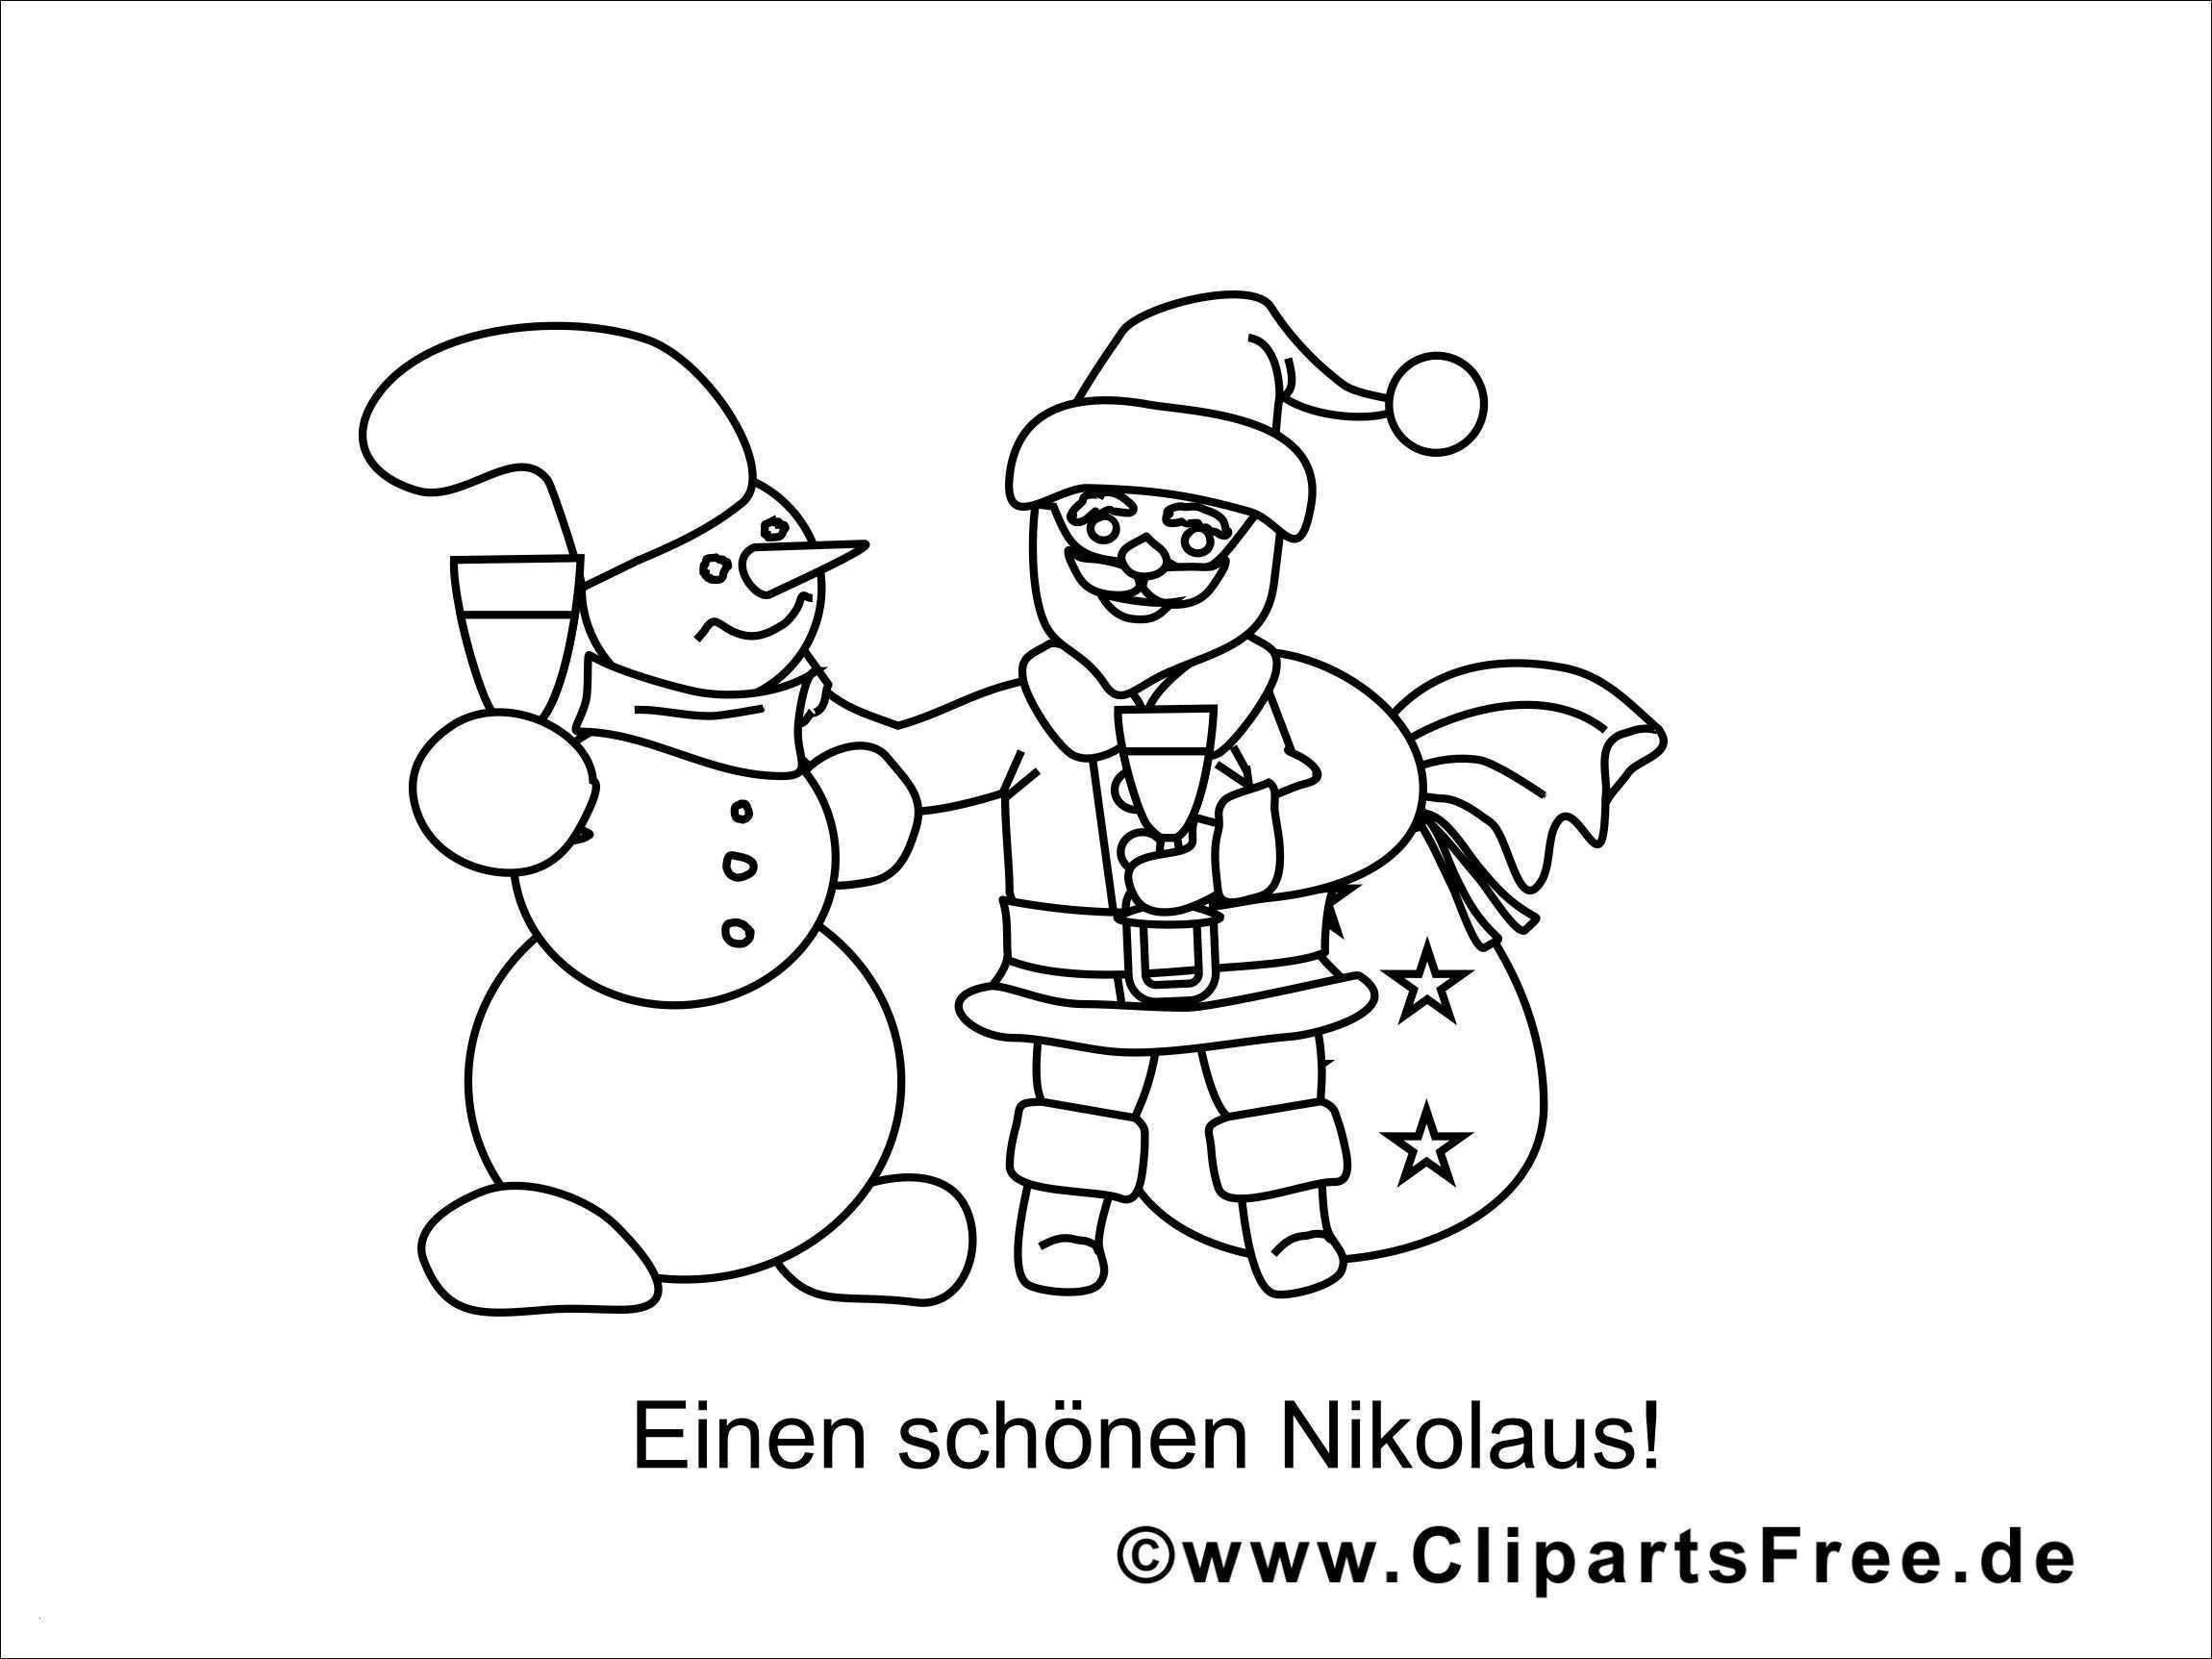 Ausmalbilder Weihnachten Schneeflocke Genial Window Color Vorlagen Weihnachten Schneeflocke Aufnahme Malvorlagen Stock